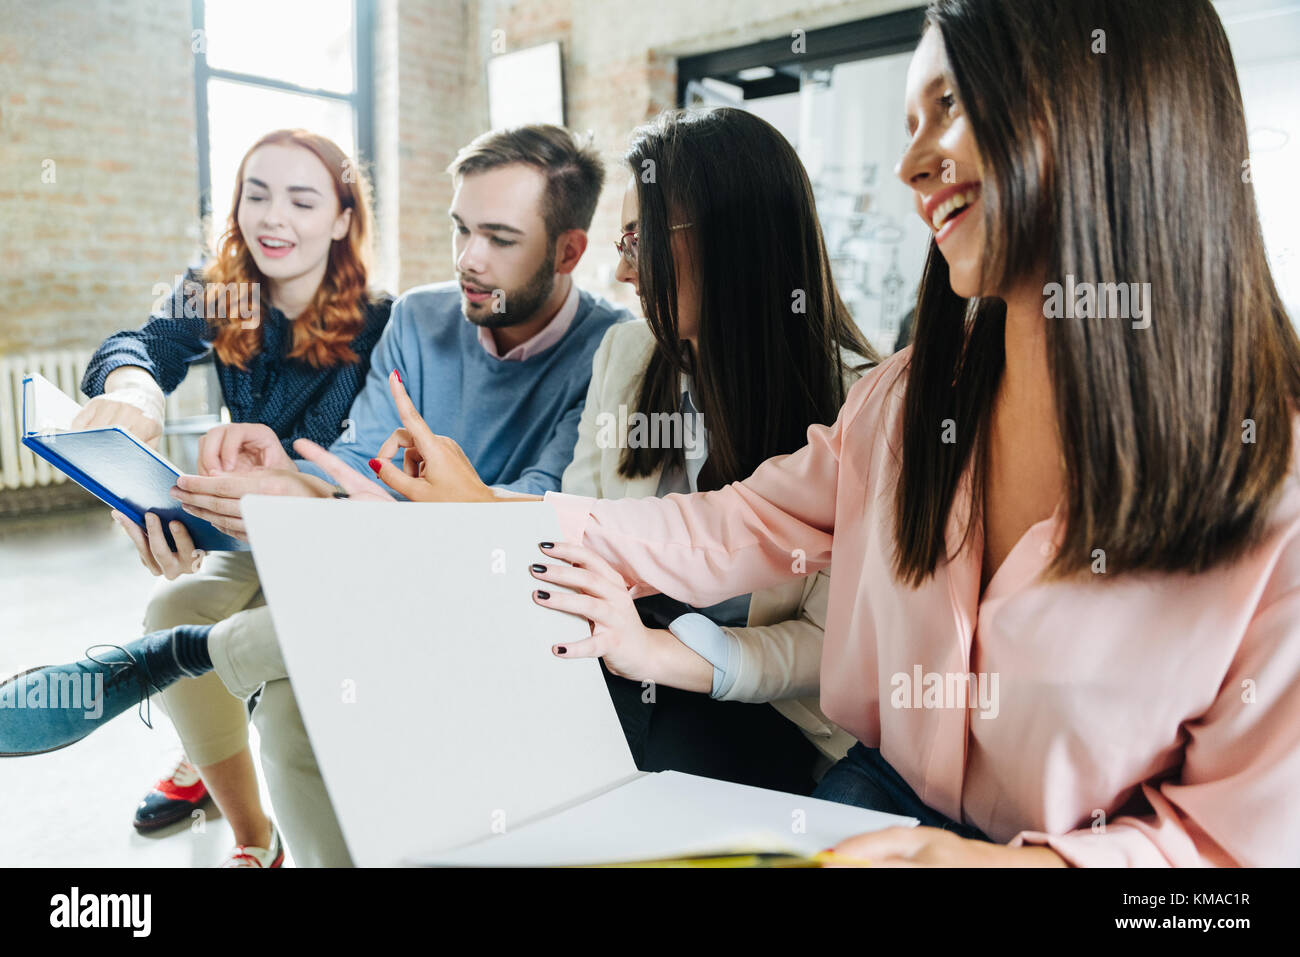 Image sociabilisation des jeunes stagiaires au travail Photo Stock